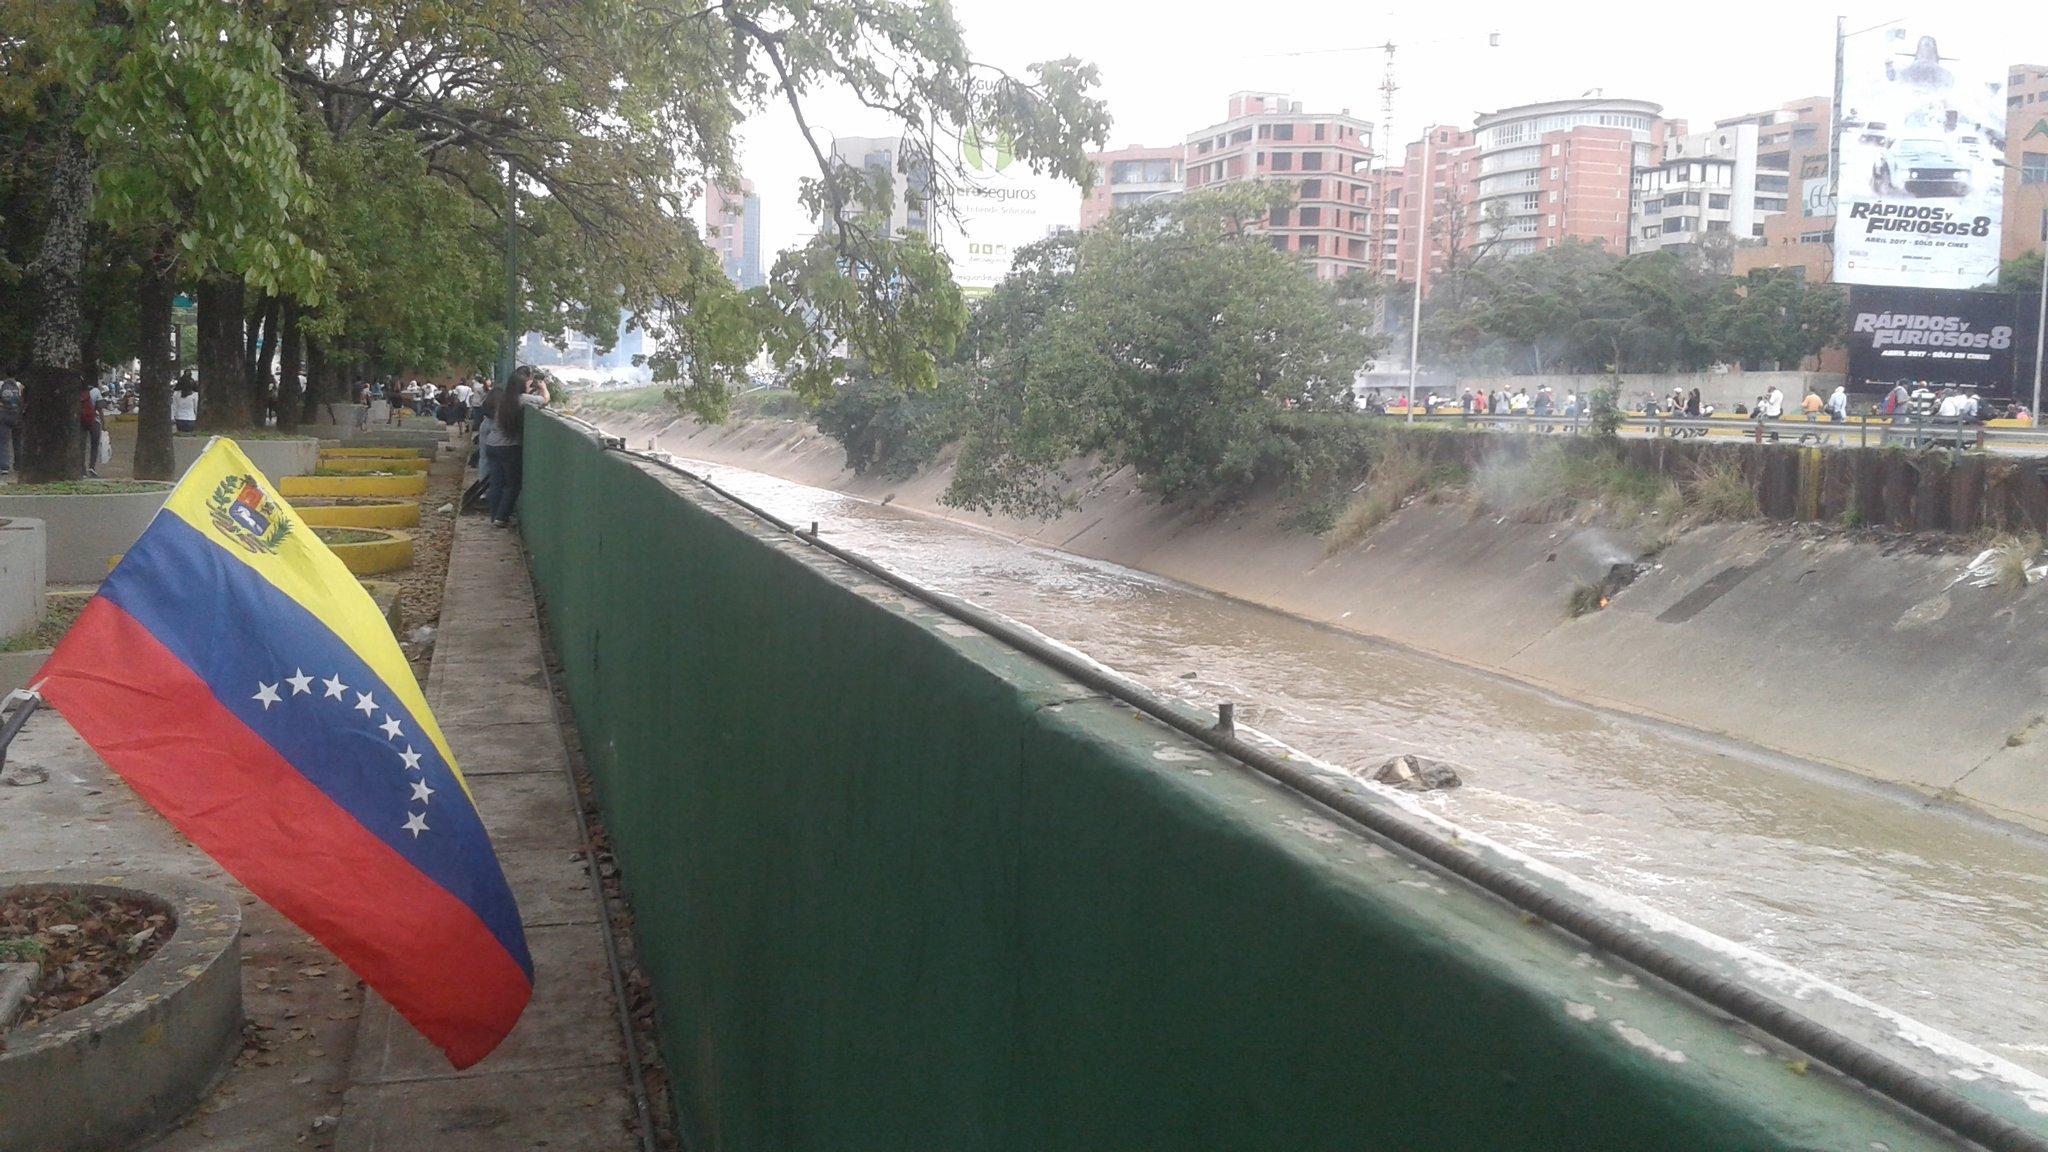 Continuán los enfrentamientos en la autopista Francisco Fajardo, altura Las Mercedes #Caracas https://t.co/Z8VlSUEXXX